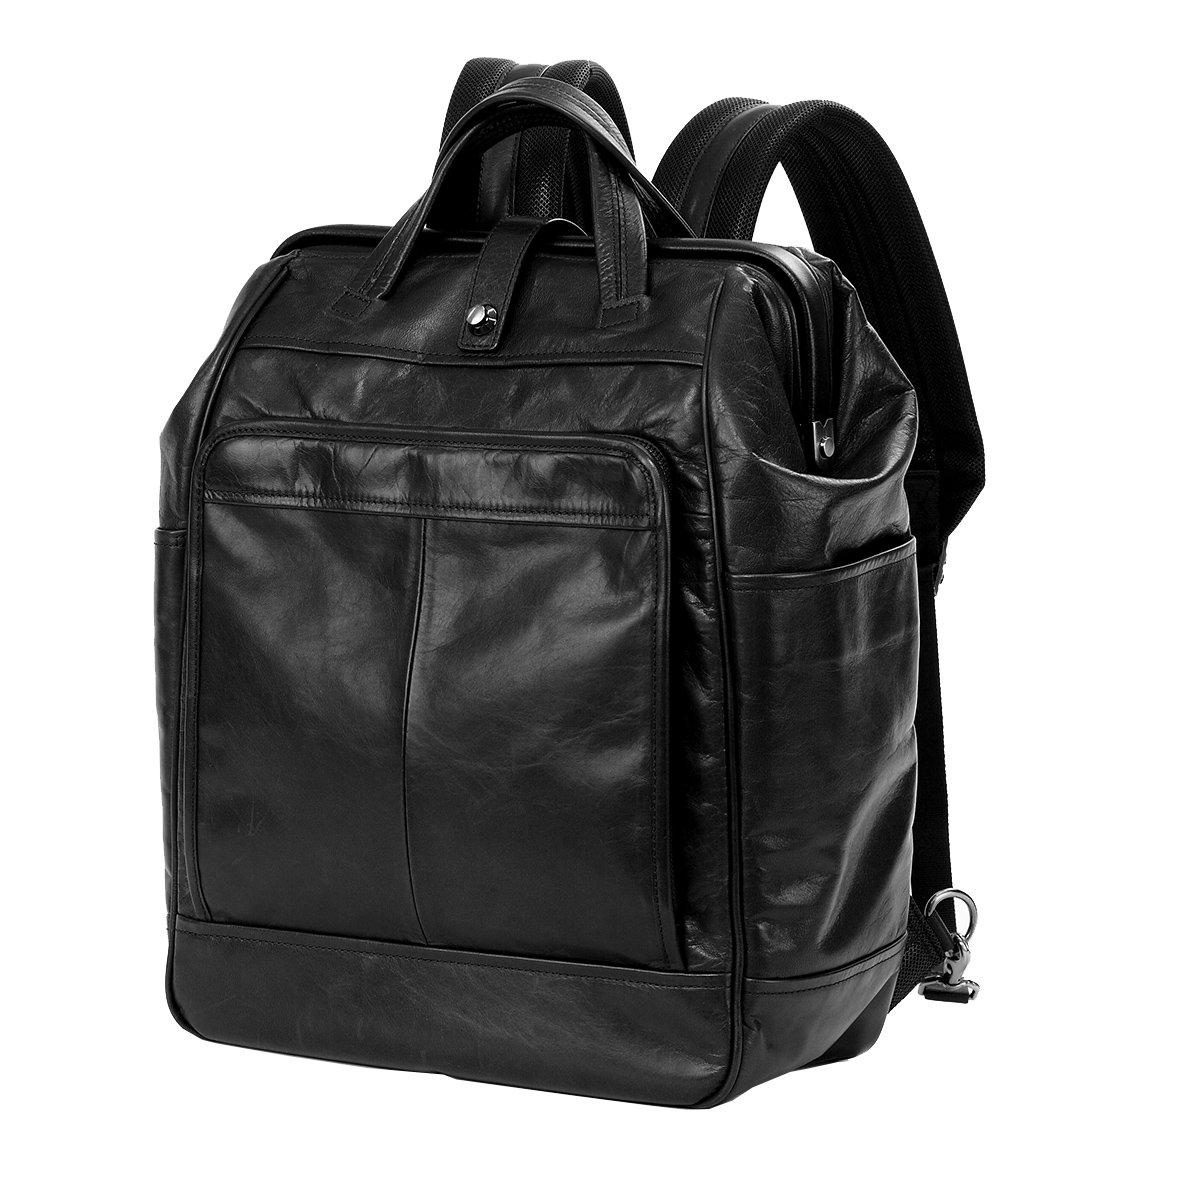 [アートフィアー] リュック 豊岡鞄 馬革 カバロ メンズ レディース B01J4ZGTYW ブラック(BK) ブラック(BK)